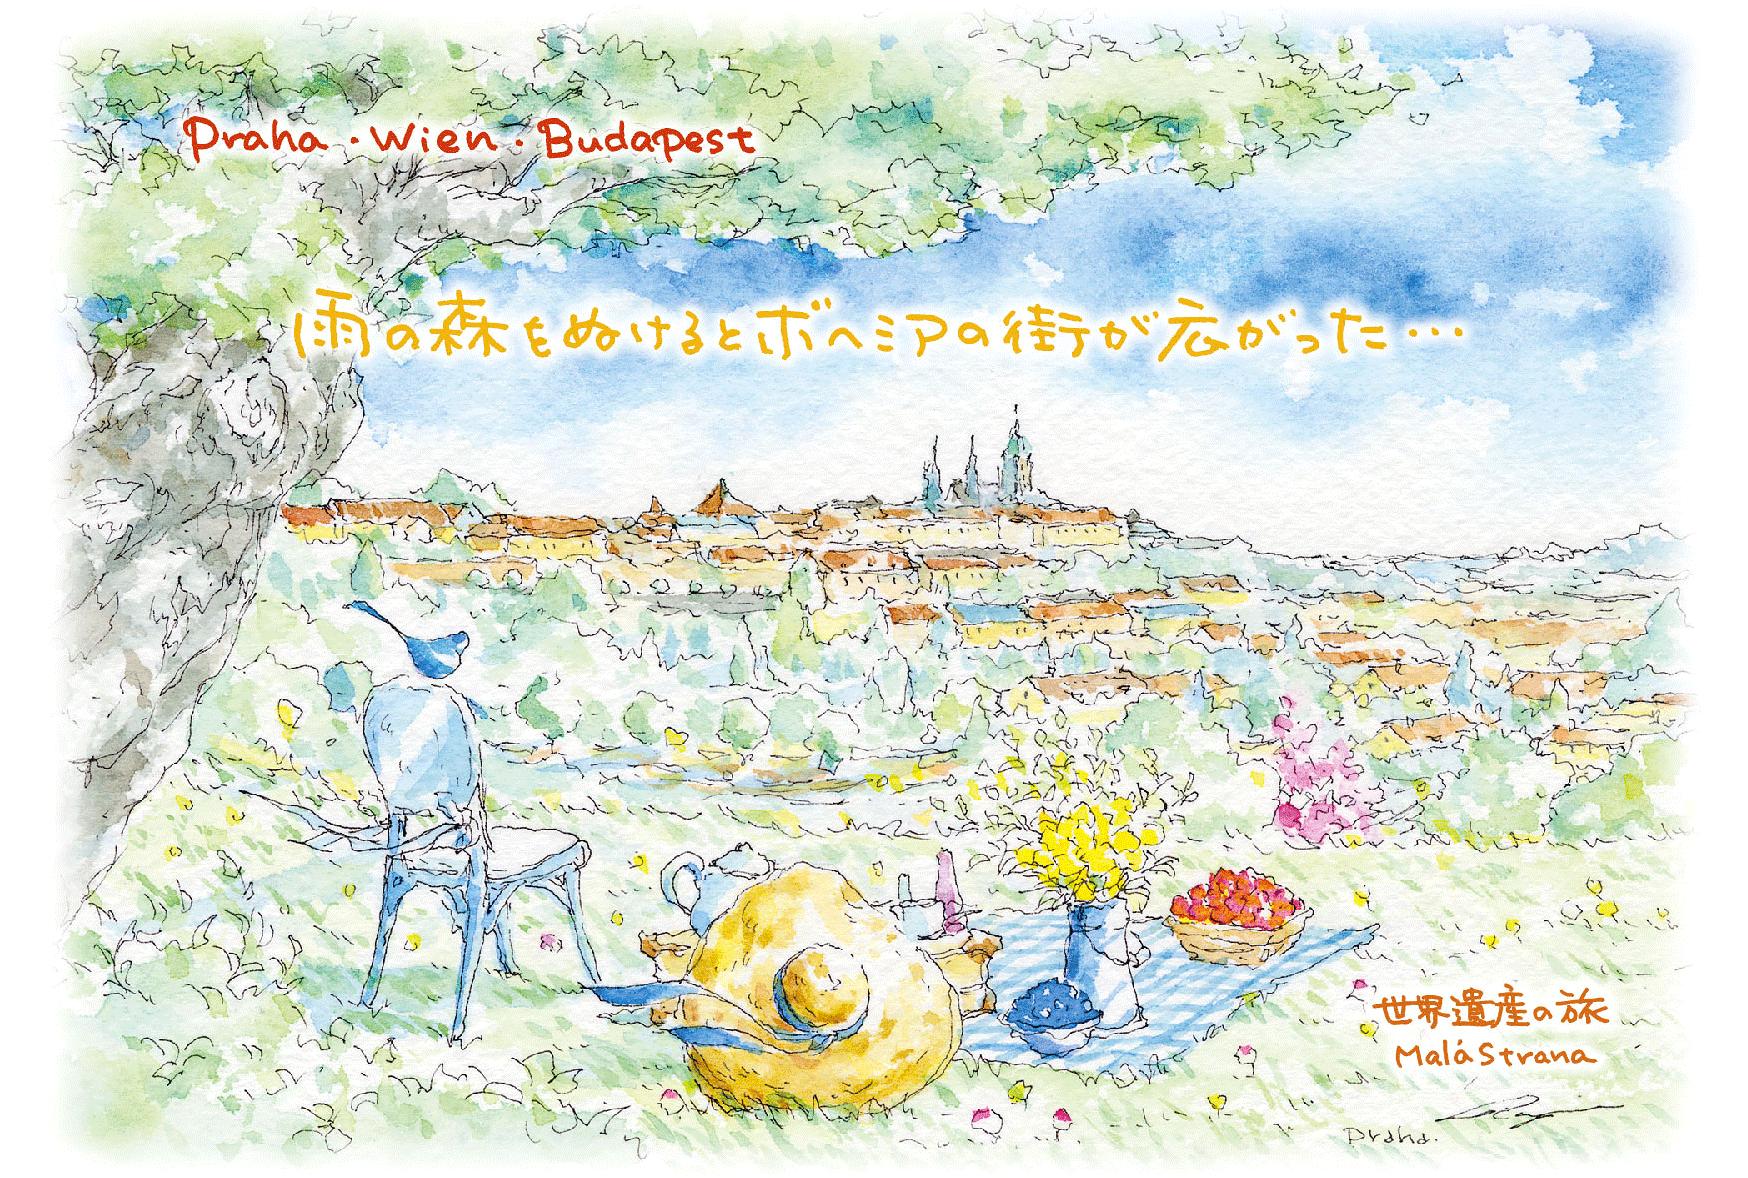 2016 ノリタケの森ギャラリー